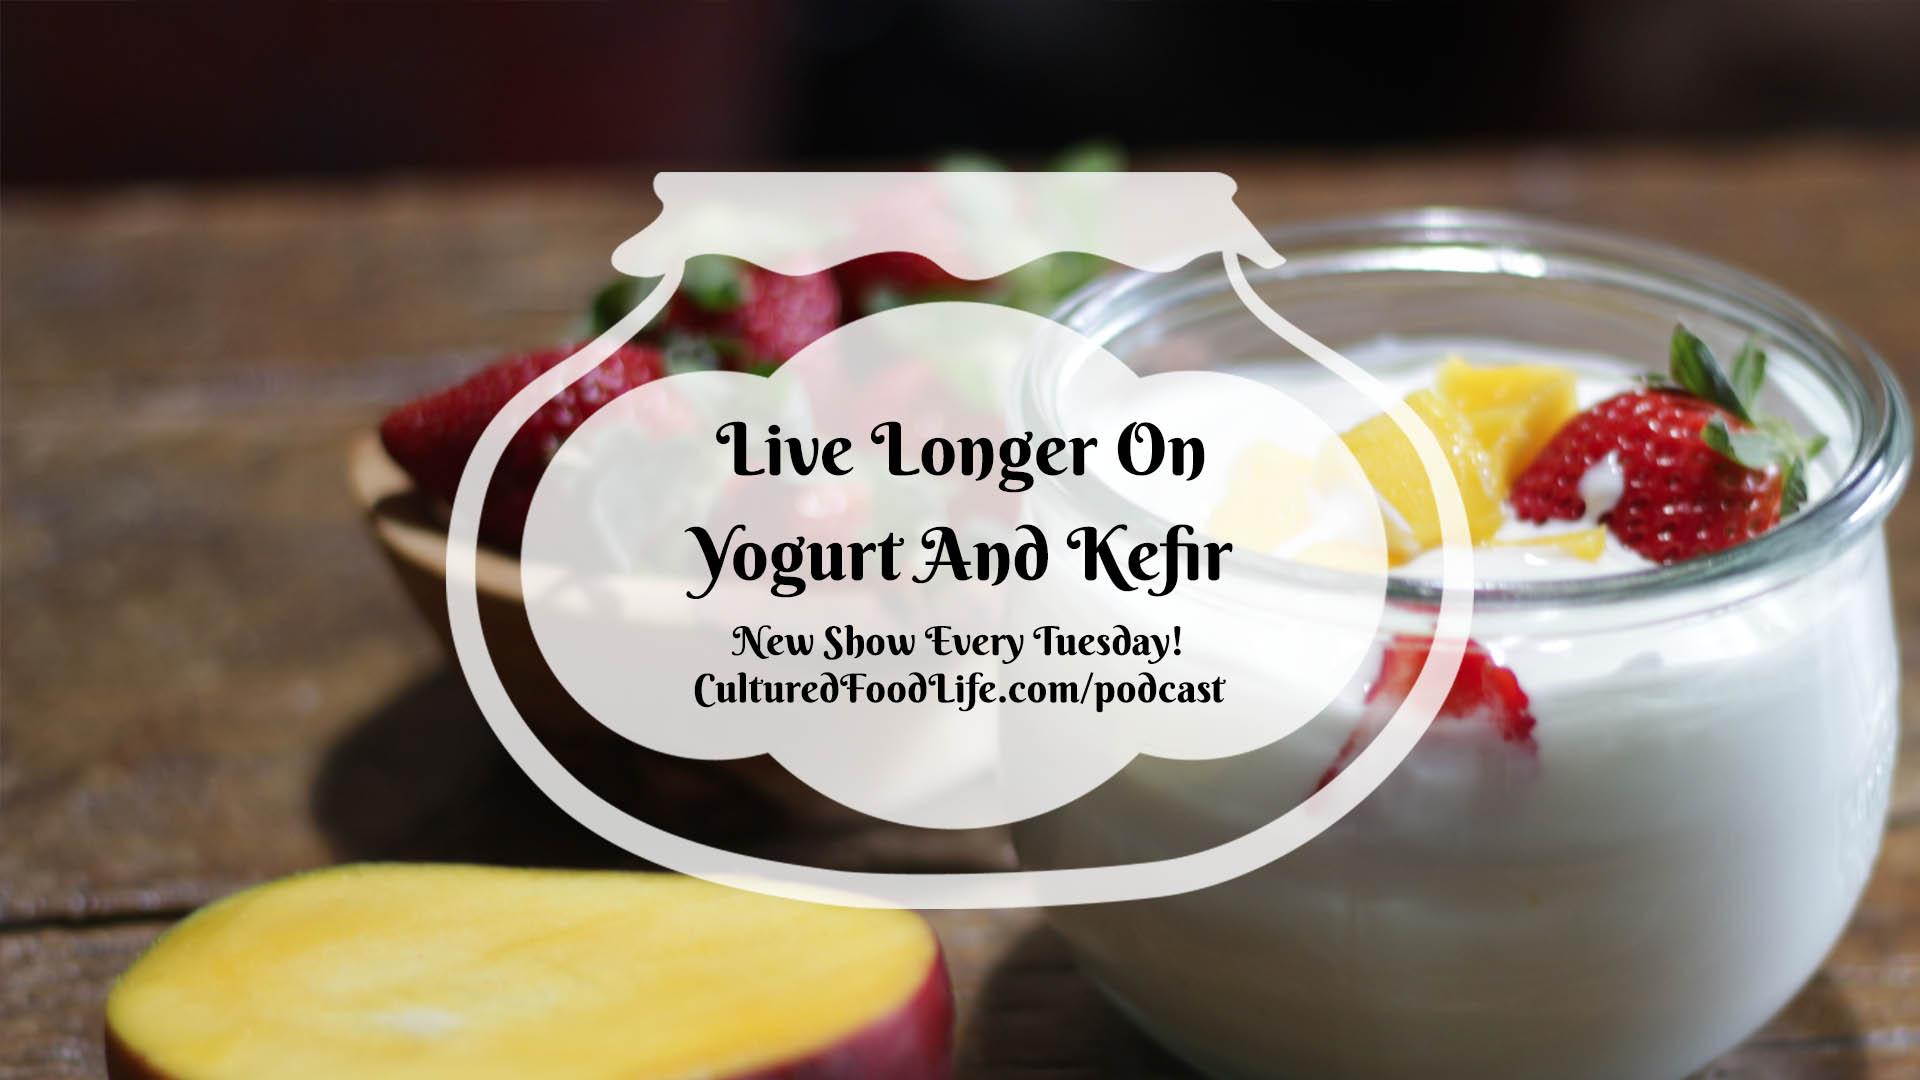 Live Longer On Yogurt And Kefir Full